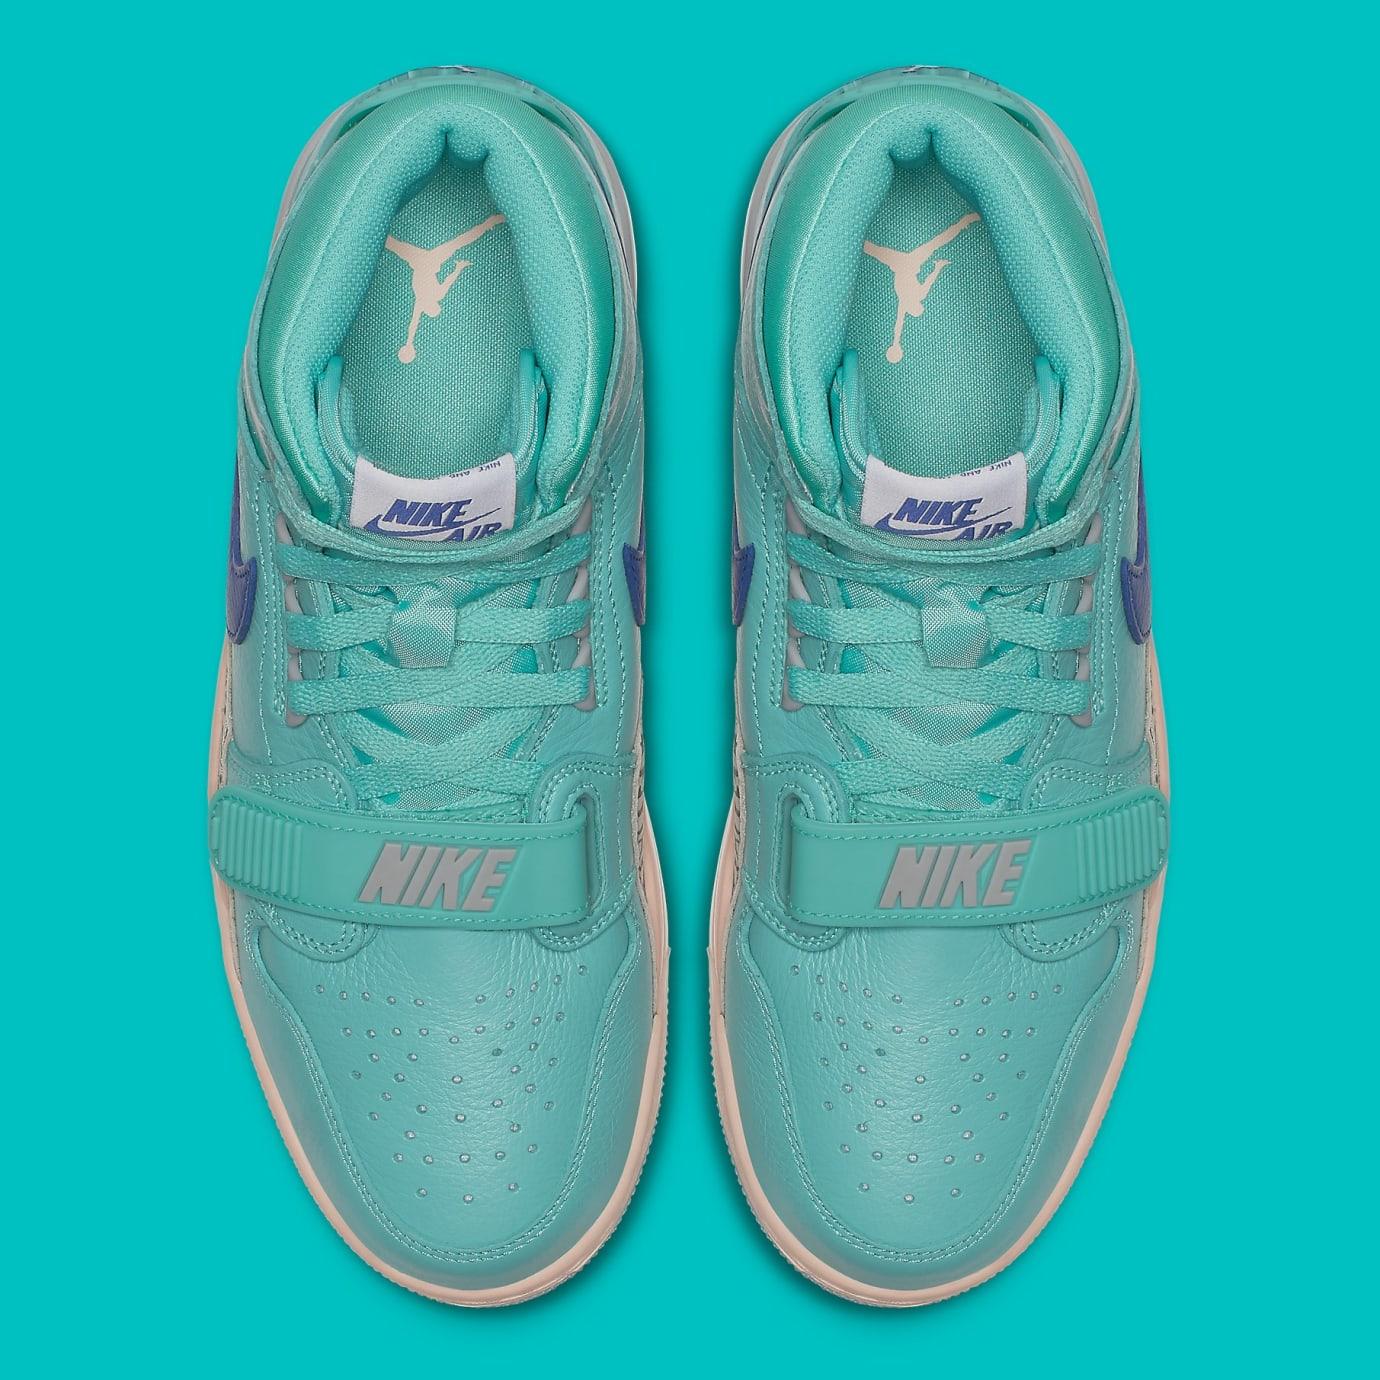 73e079580e1bd8 Image via Nike Don C x Air Jordan Legacy 312 Hyper Jade Release Date  AV3922-348 Top